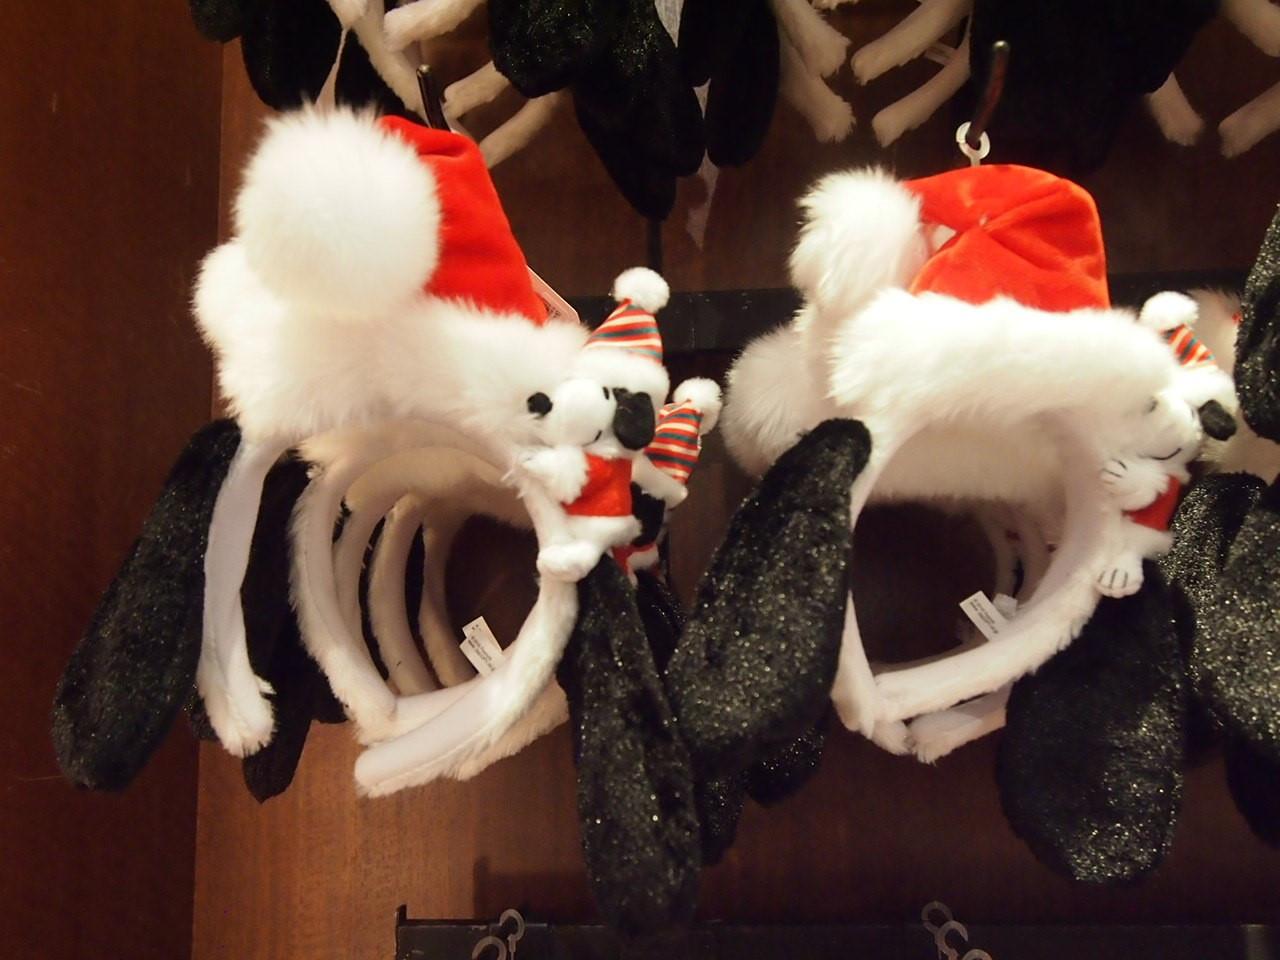 スヌーピーたれ耳クリスマスカチューシャ